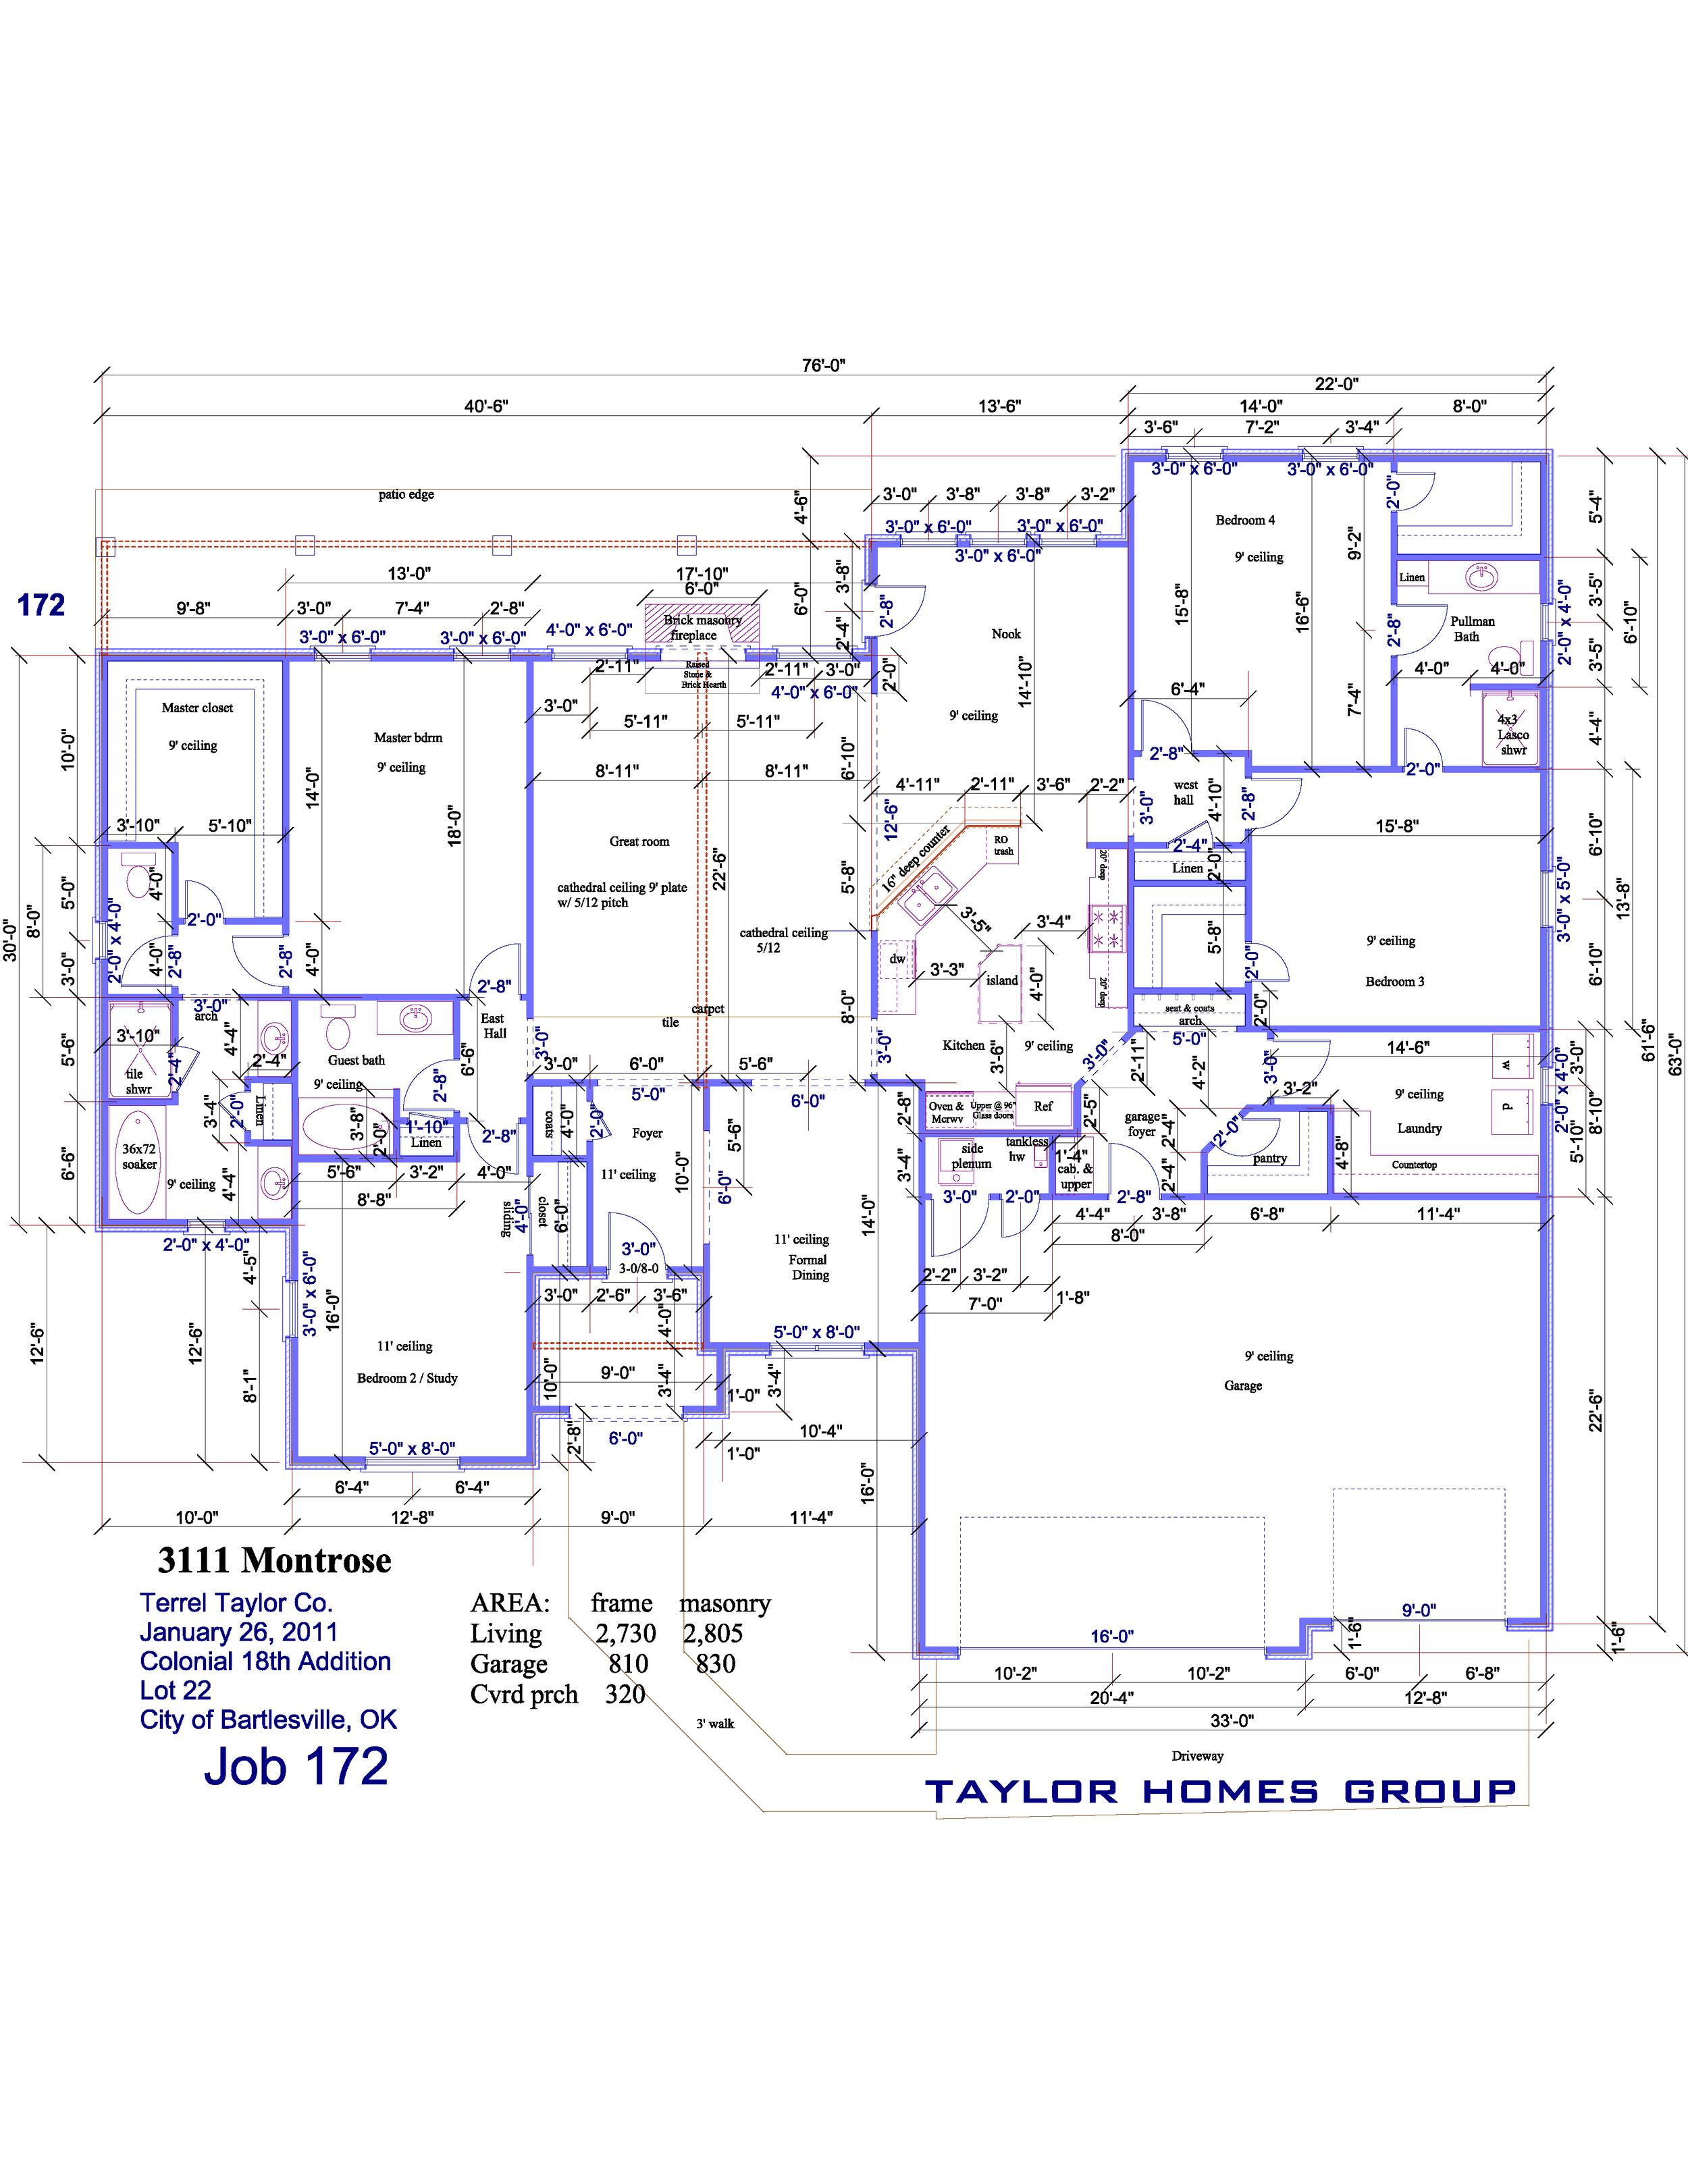 3107 Montrose floorplan.png